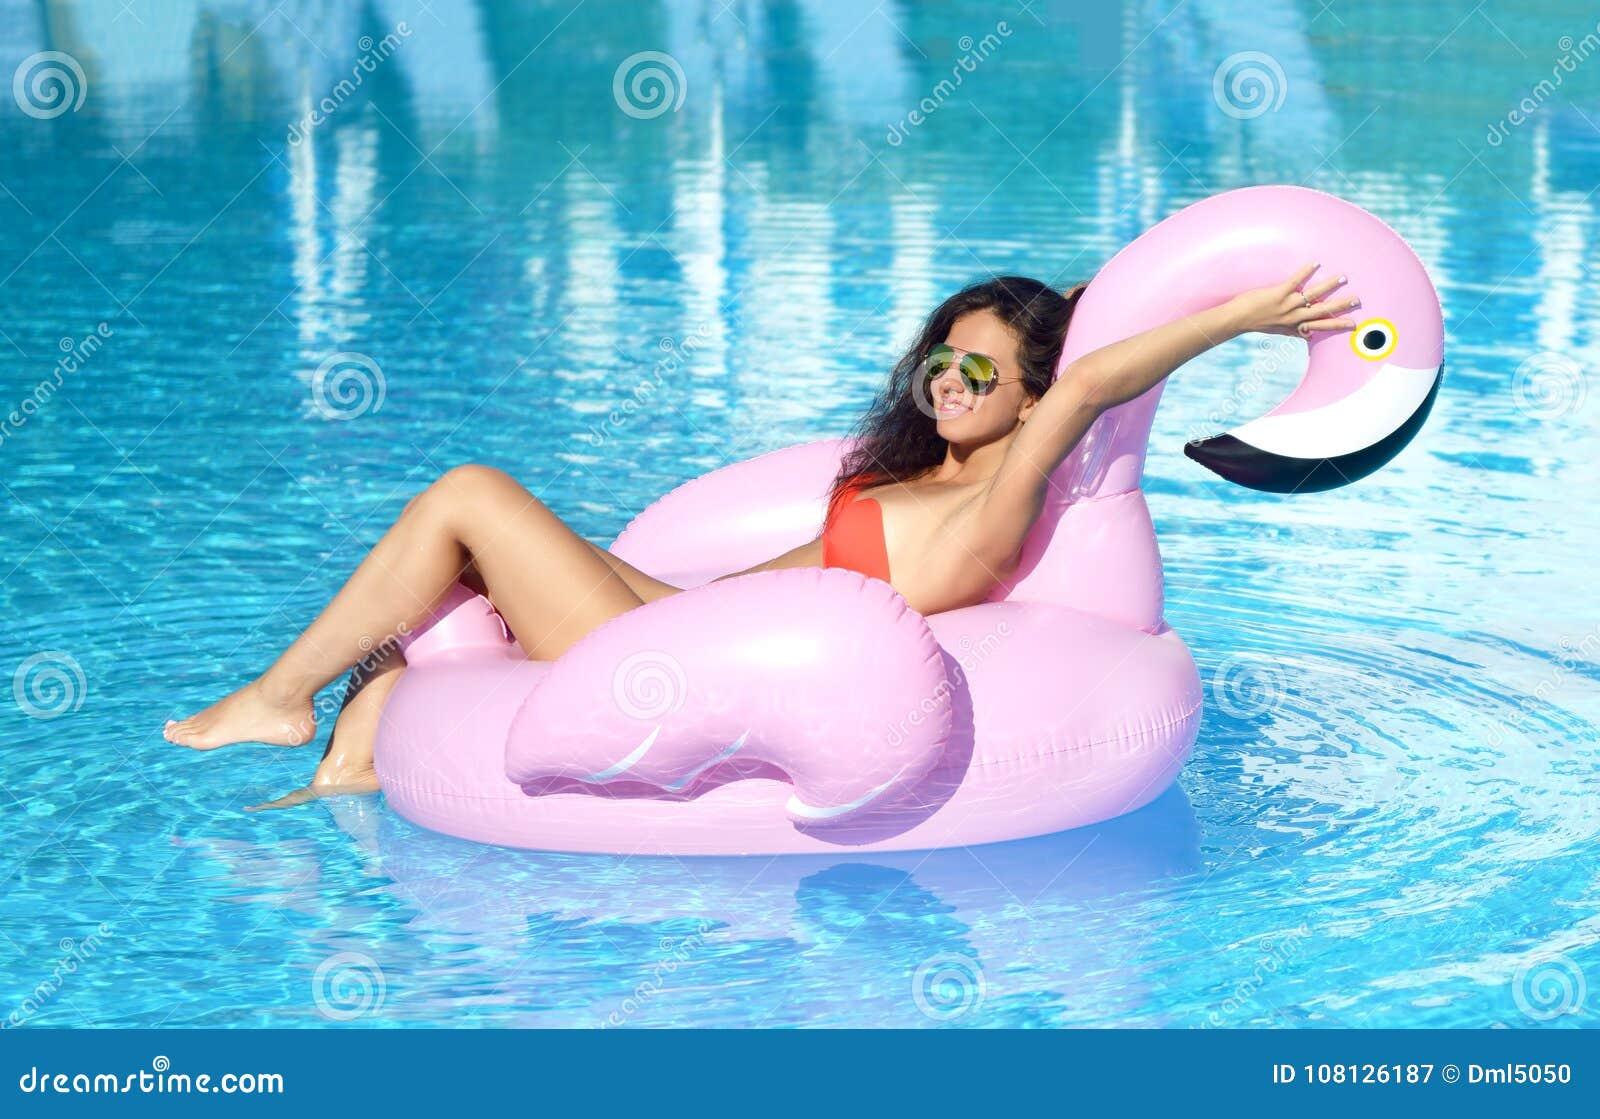 Girl bikini girl hot flamingo pink pool billiard fulllength anal